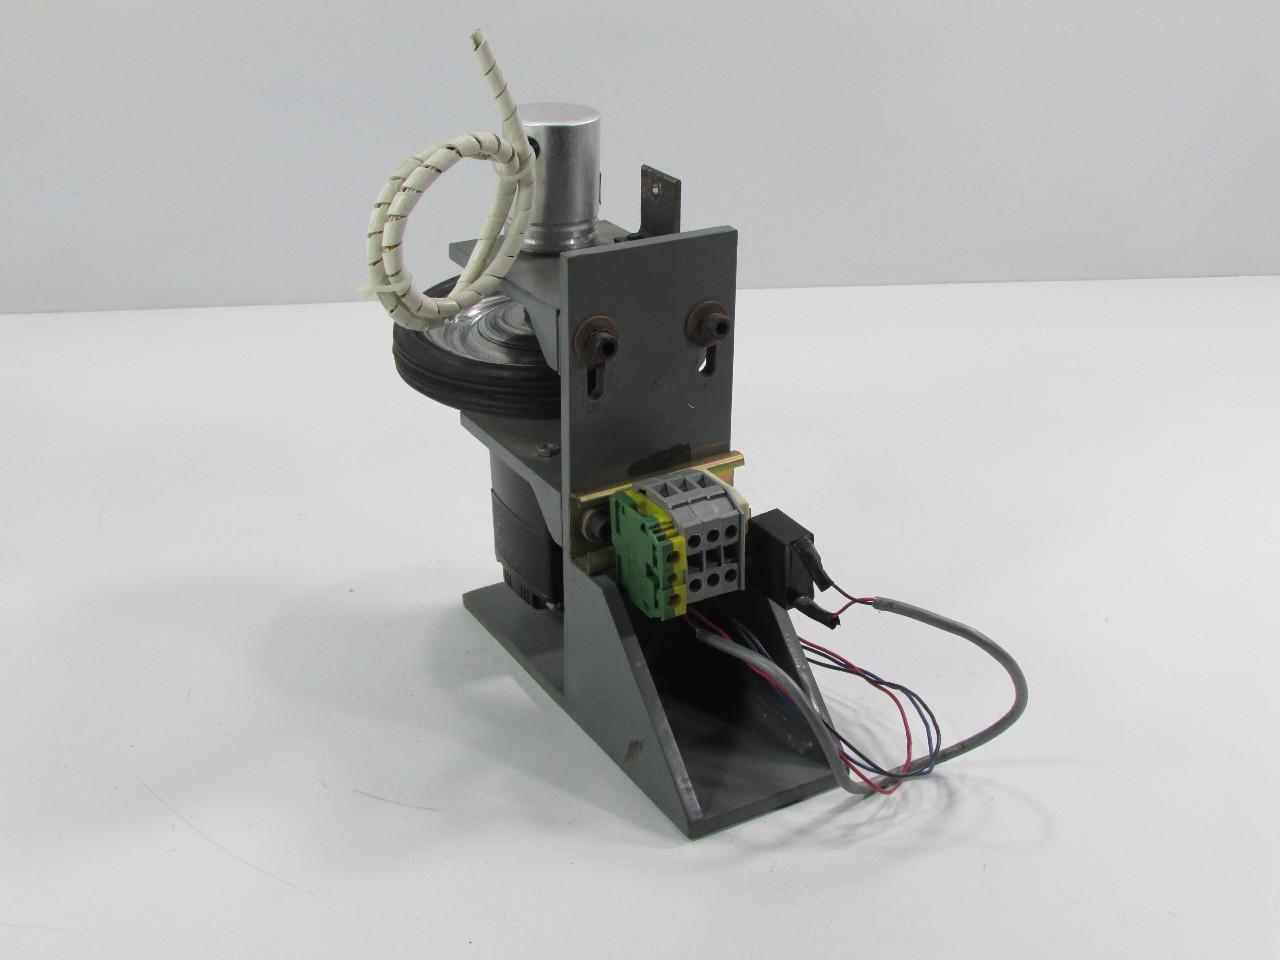 Hurst Ks2442 560 Synchronous Instrument Motor Premier